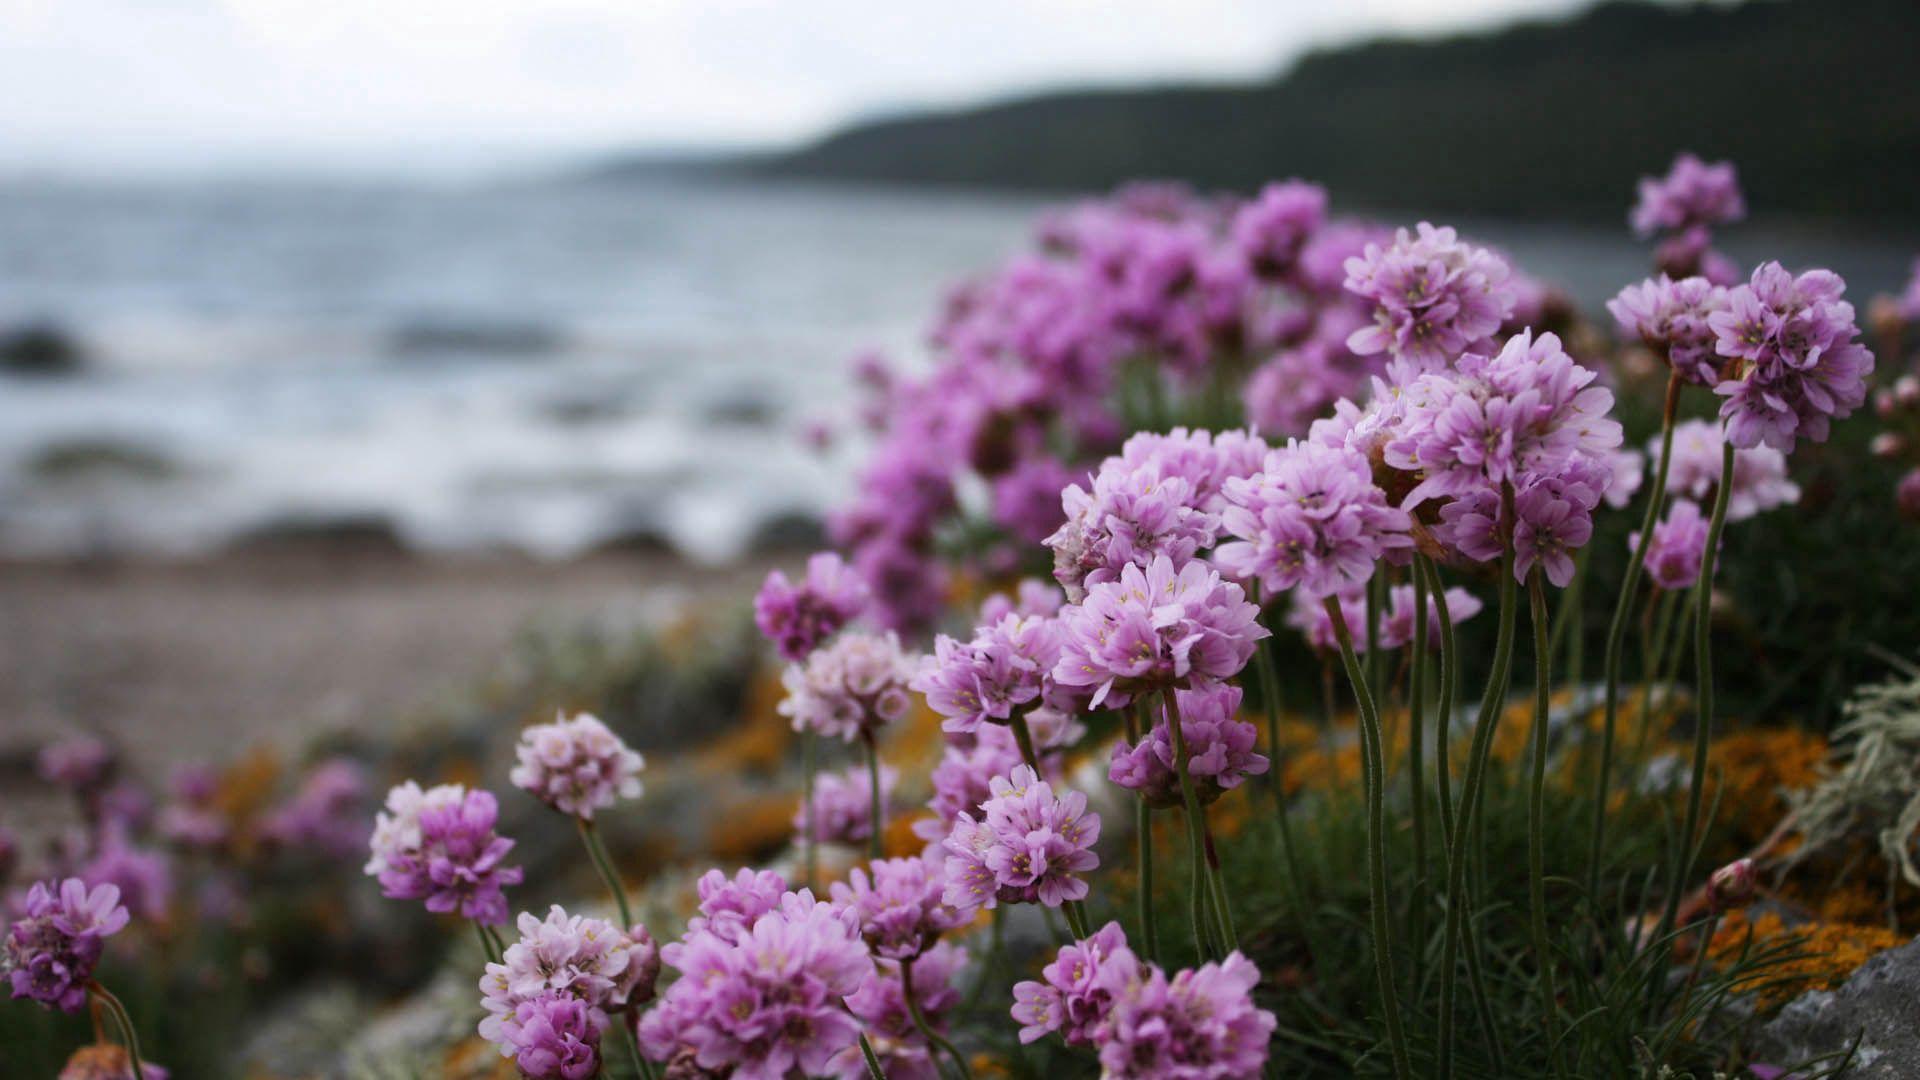 66481 скачать обои Цветы, Трава, Макро, Цветение - заставки и картинки бесплатно